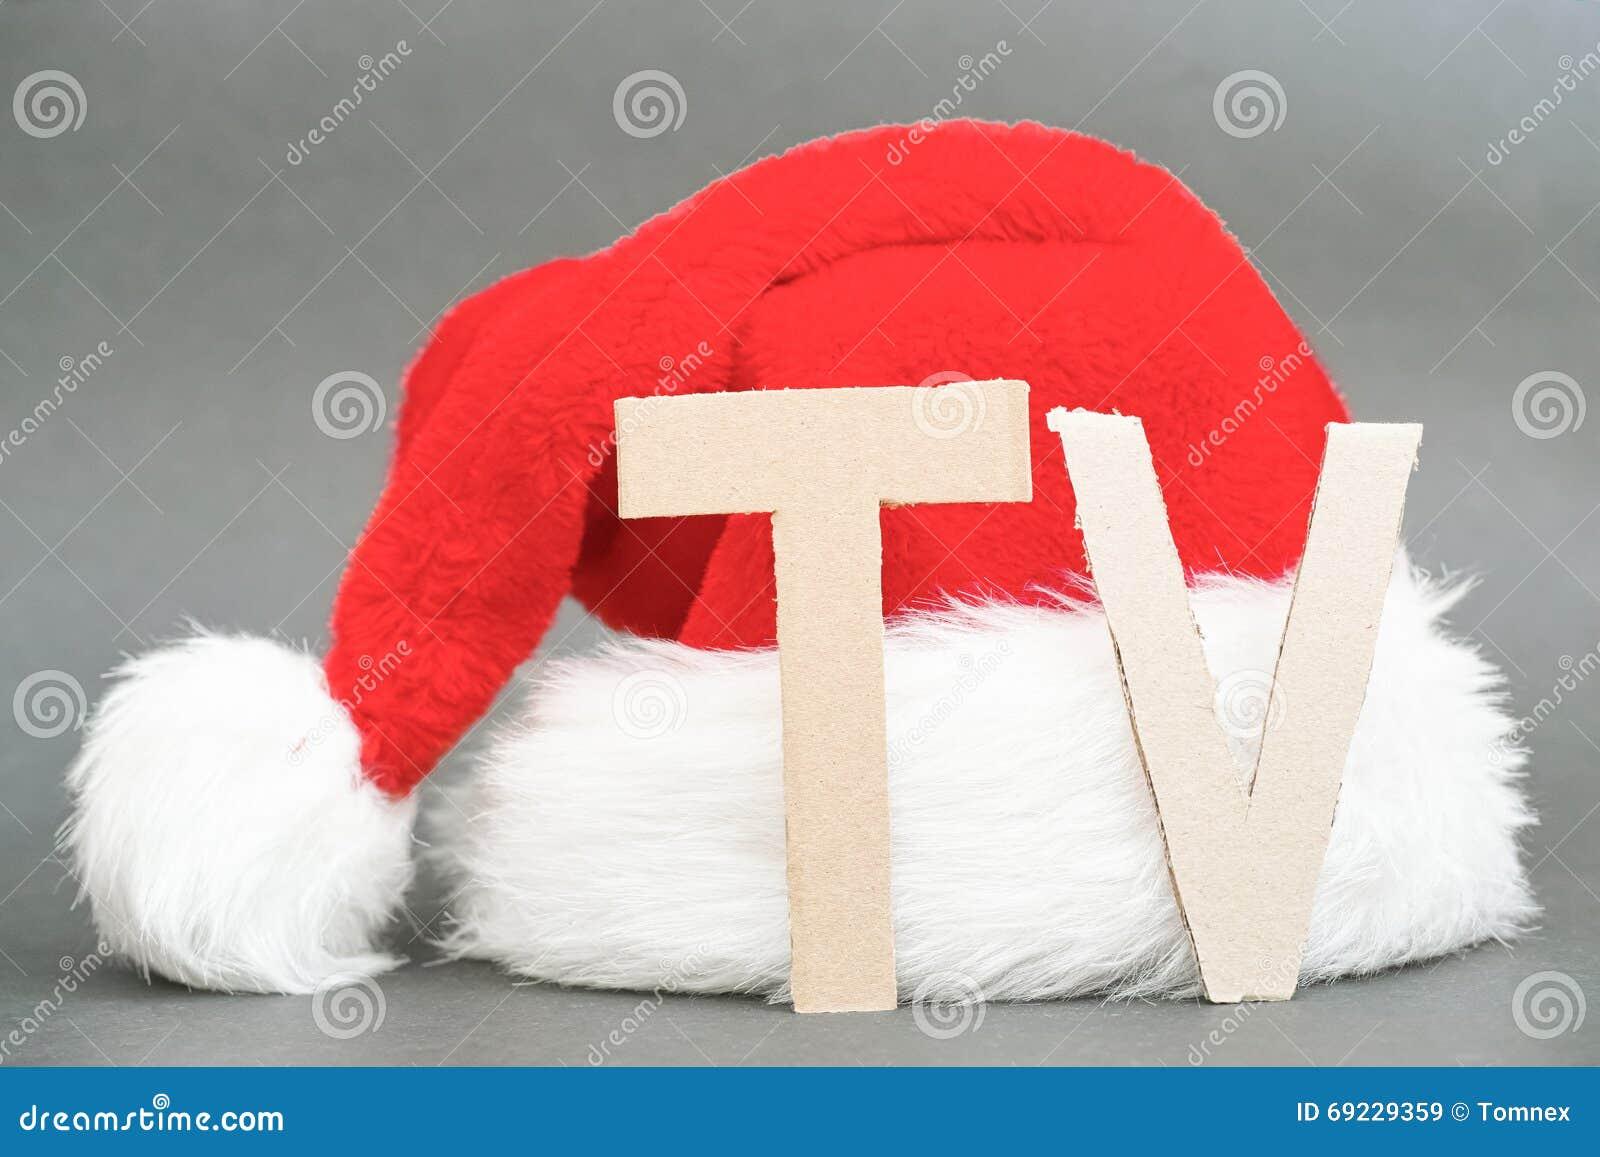 weihnachten fernsehen stockbild bild von exemplar. Black Bedroom Furniture Sets. Home Design Ideas